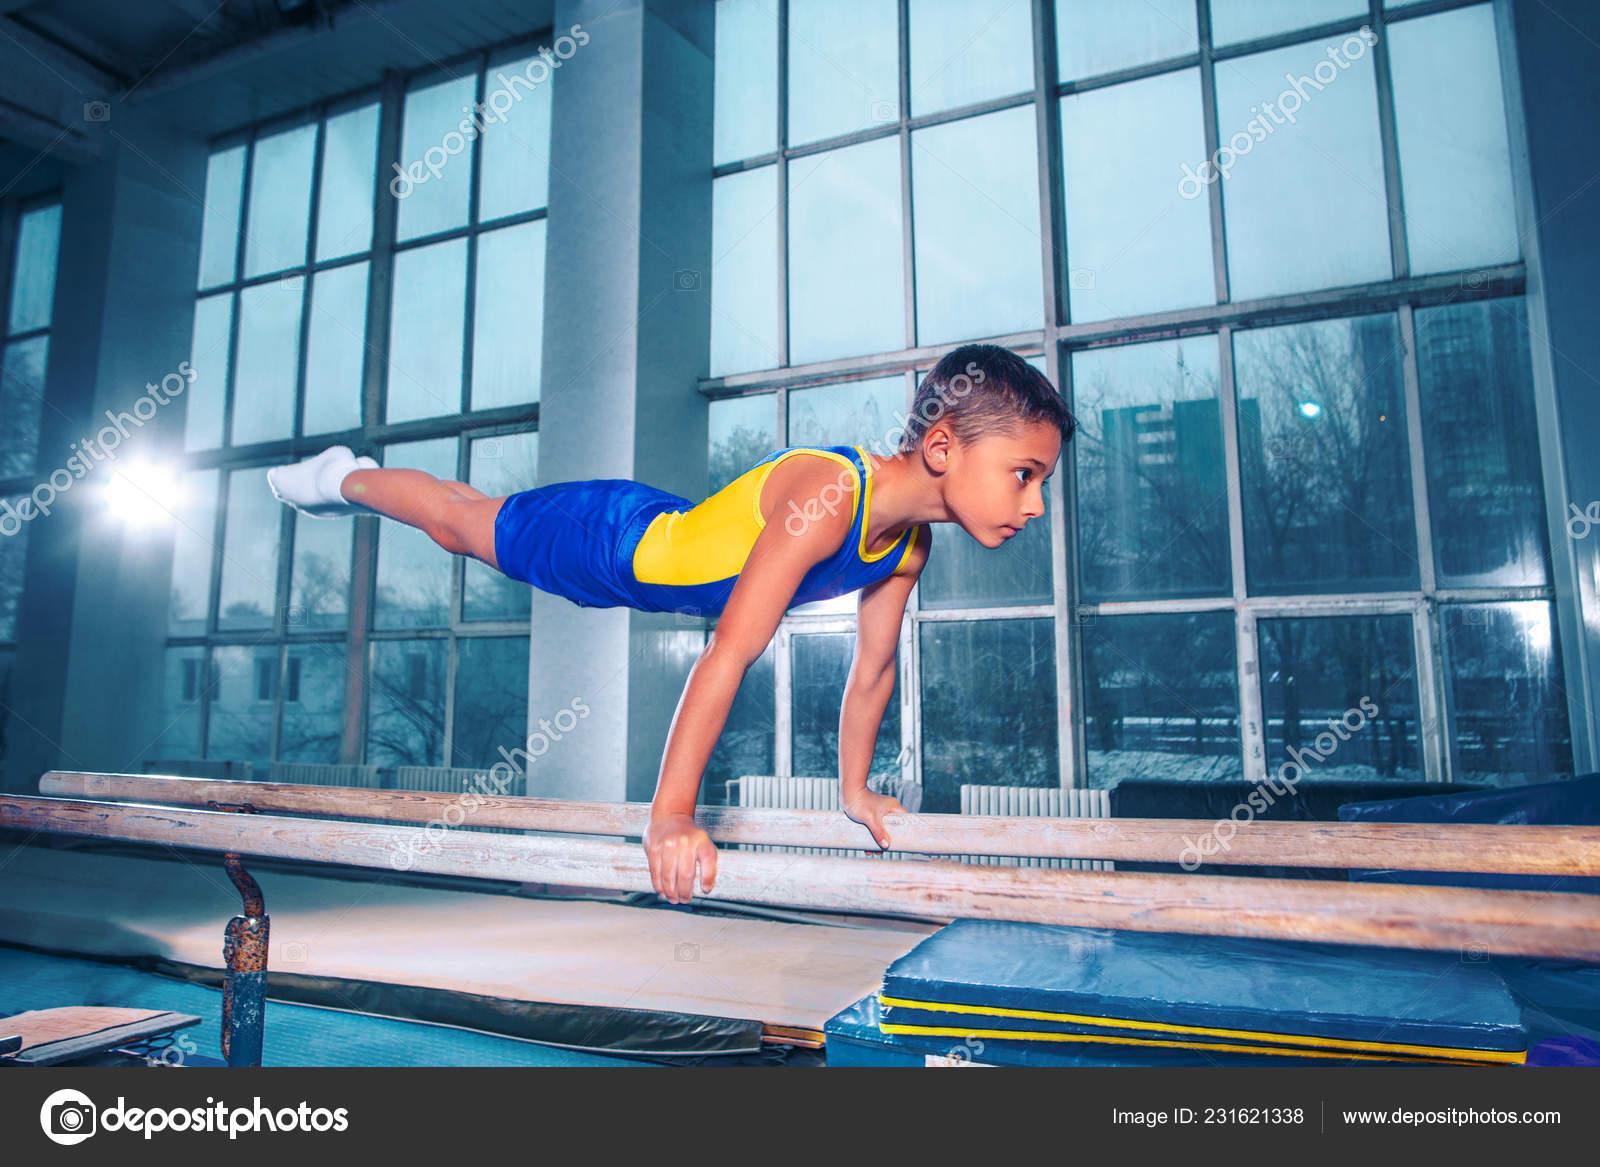 246a2861b216 El niño se dedica a la gimnasia deportiva en una barras paralelas en el  gimnasio. El rendimiento, el deporte, el acróbata, acrobacia, ejercicios,  ...